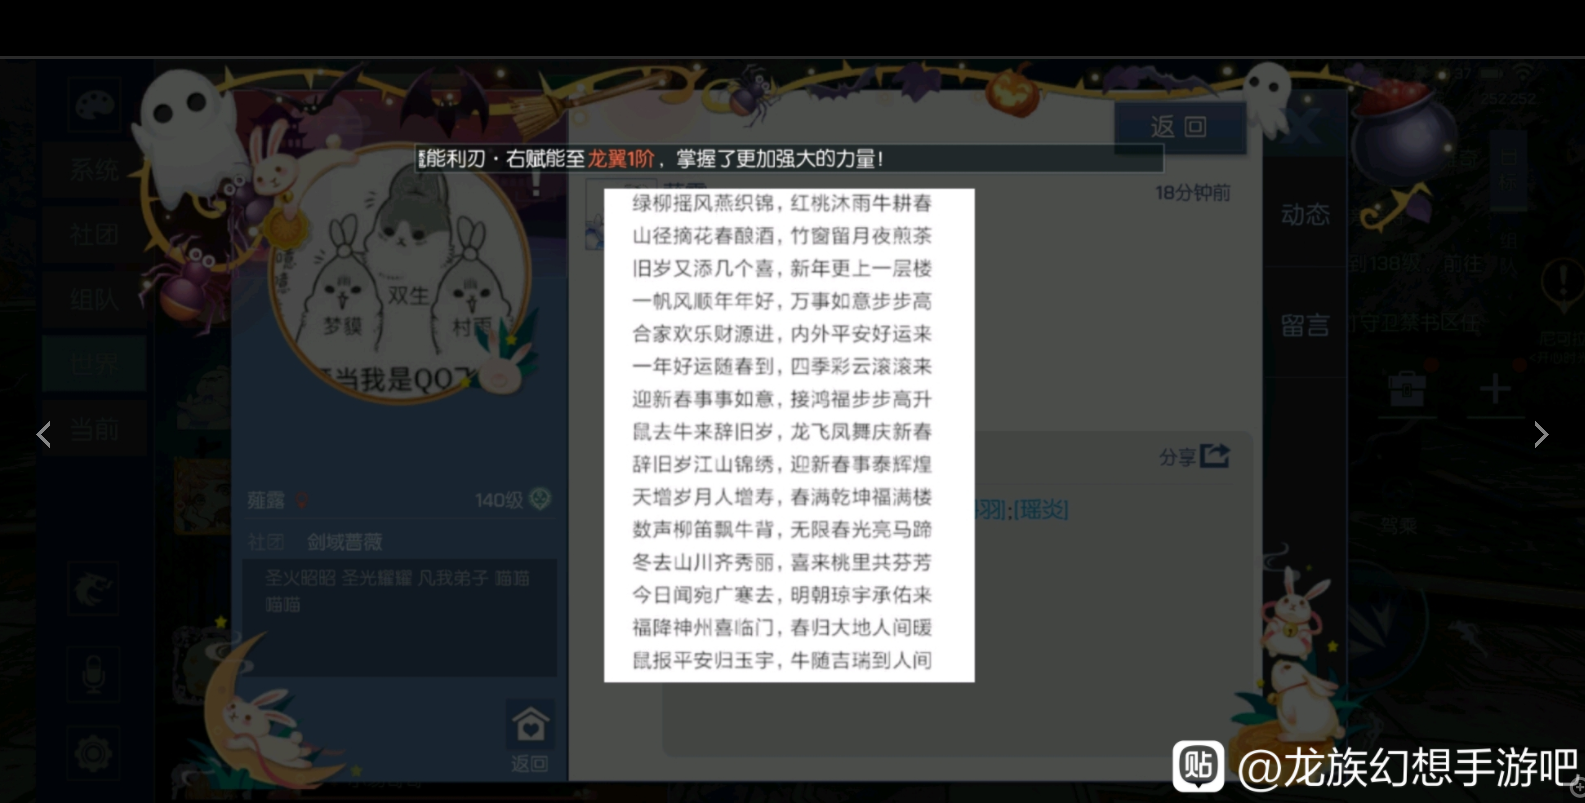 龙族幻想春联之谜题目正确答案一览